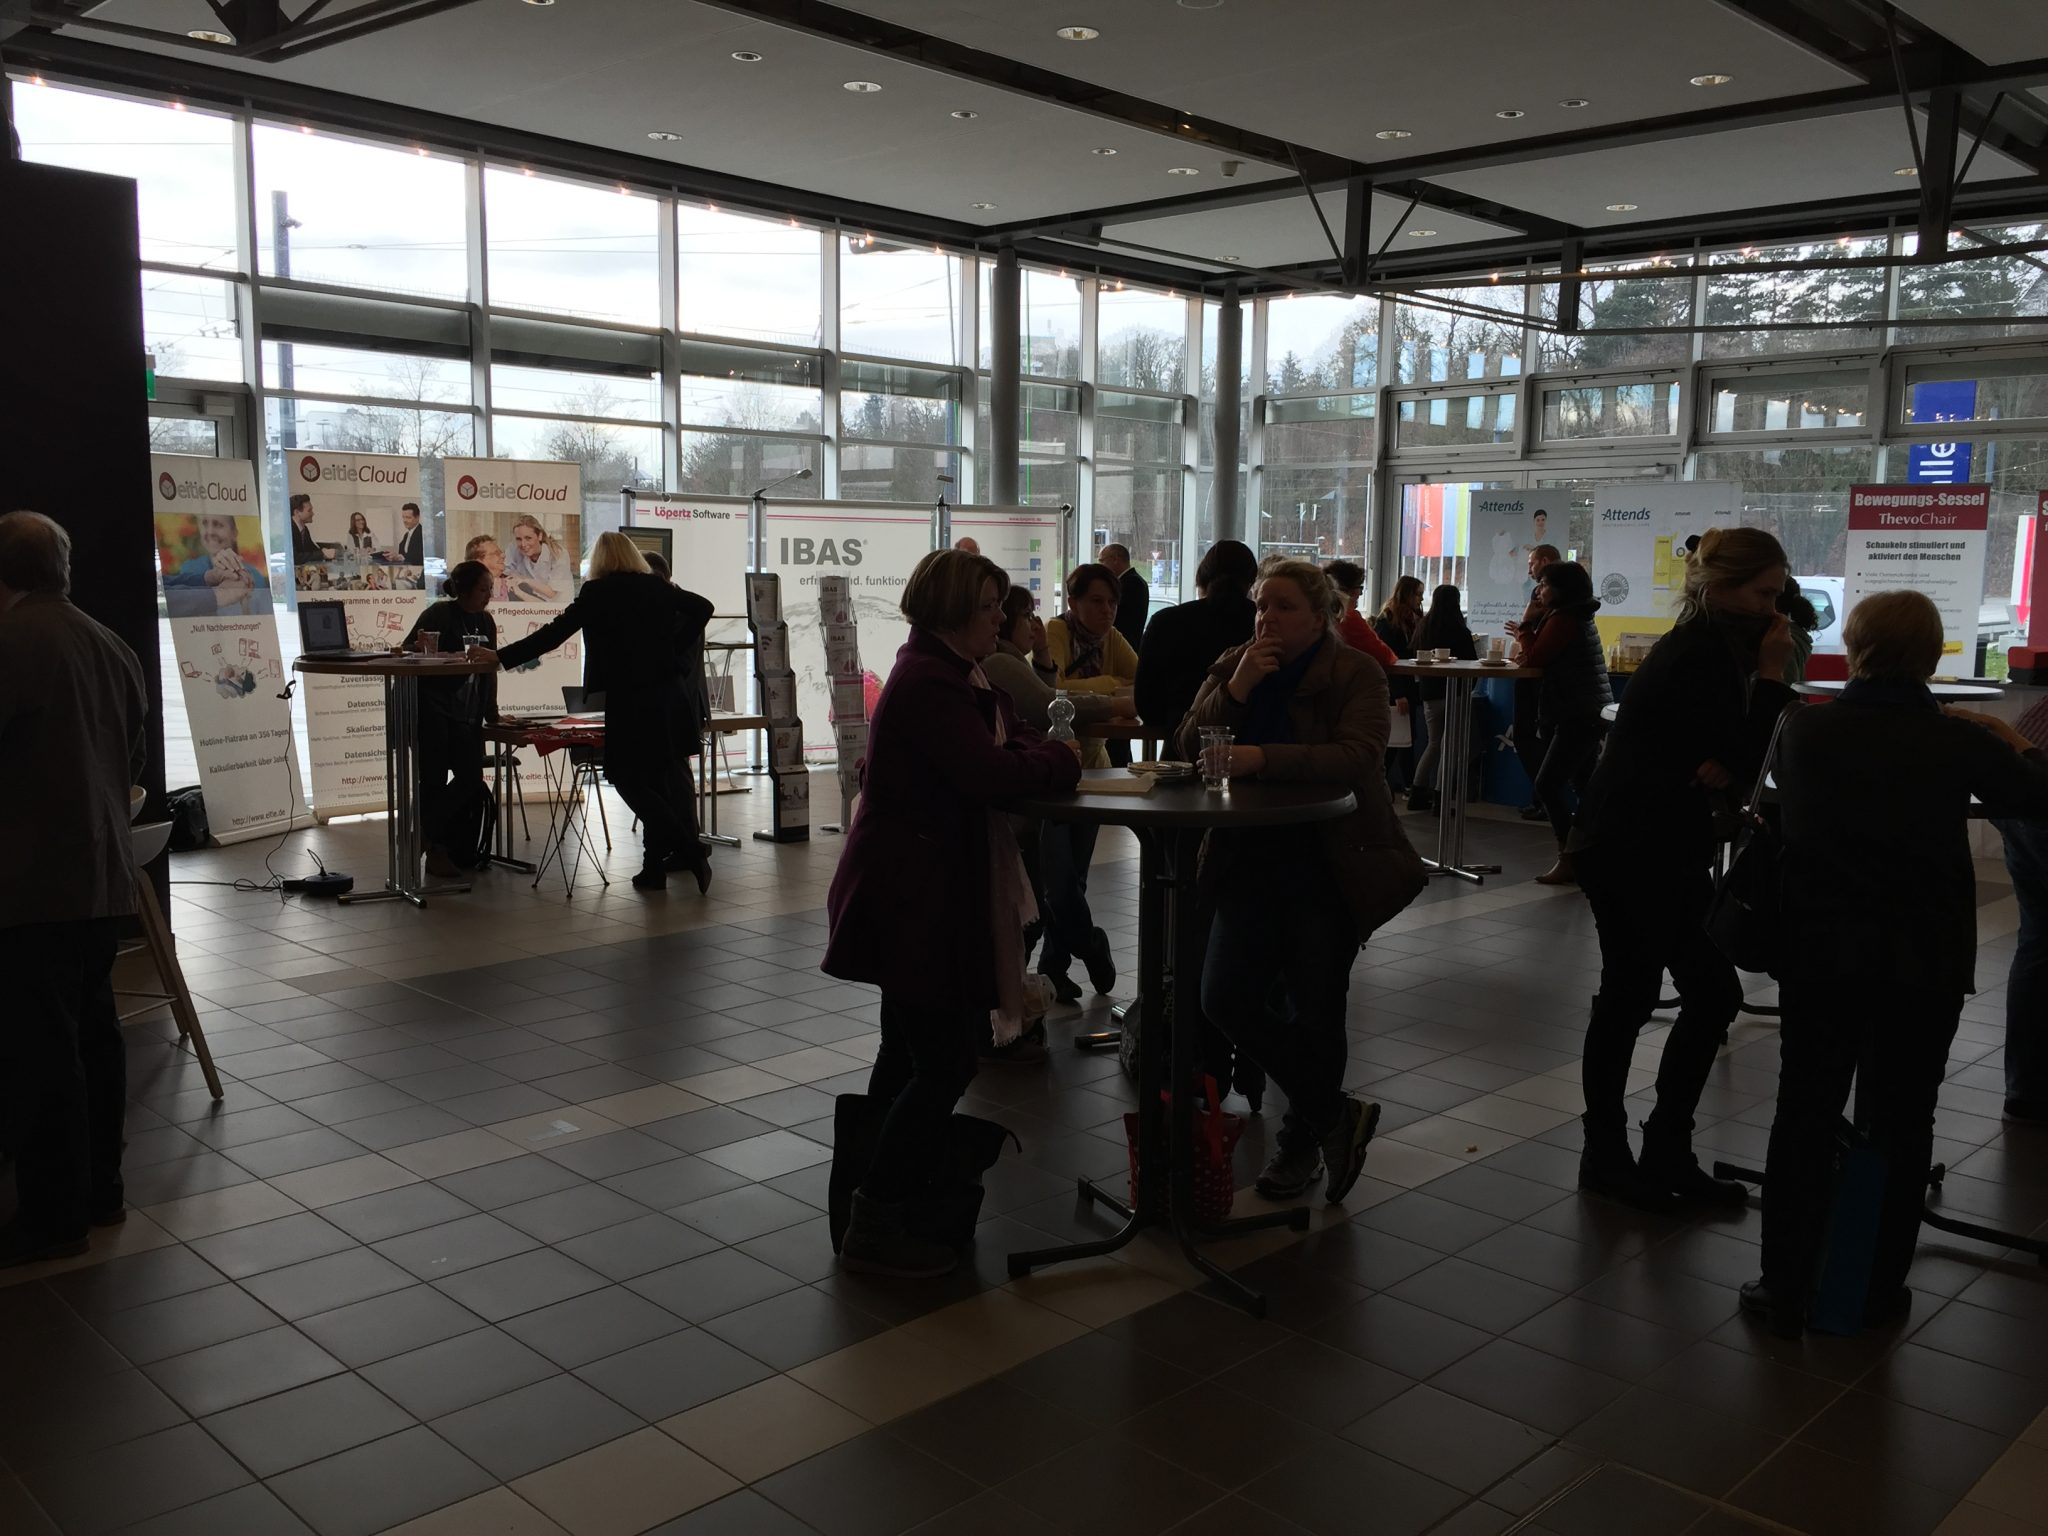 Messe Ulm Ausstellung eitie für die Sozialwirtschaft